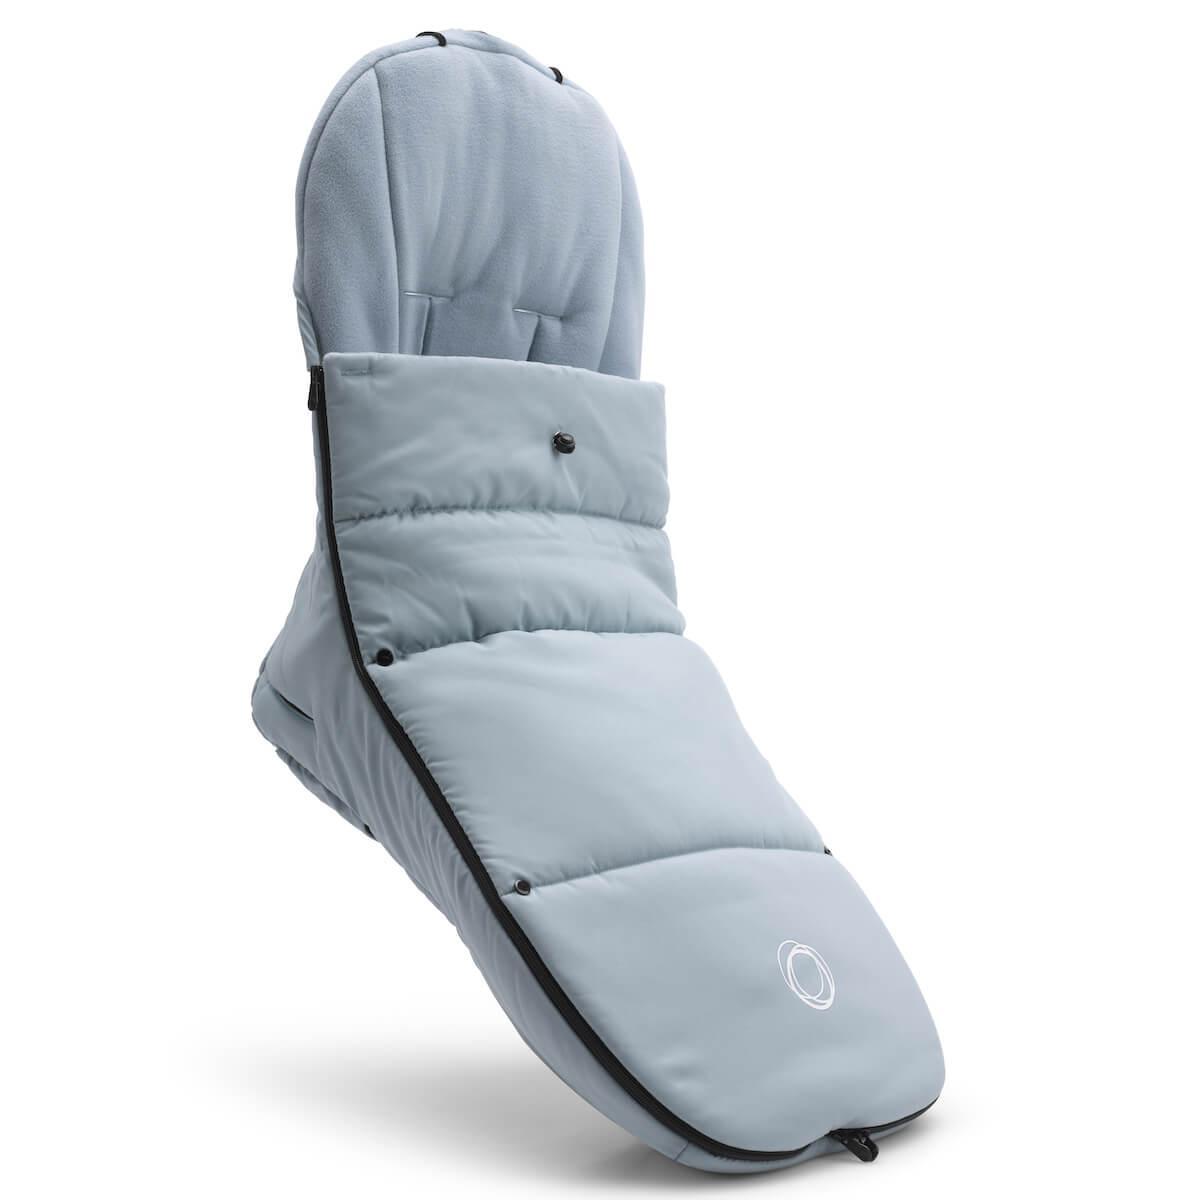 Bugaboo saco silla vapor blue